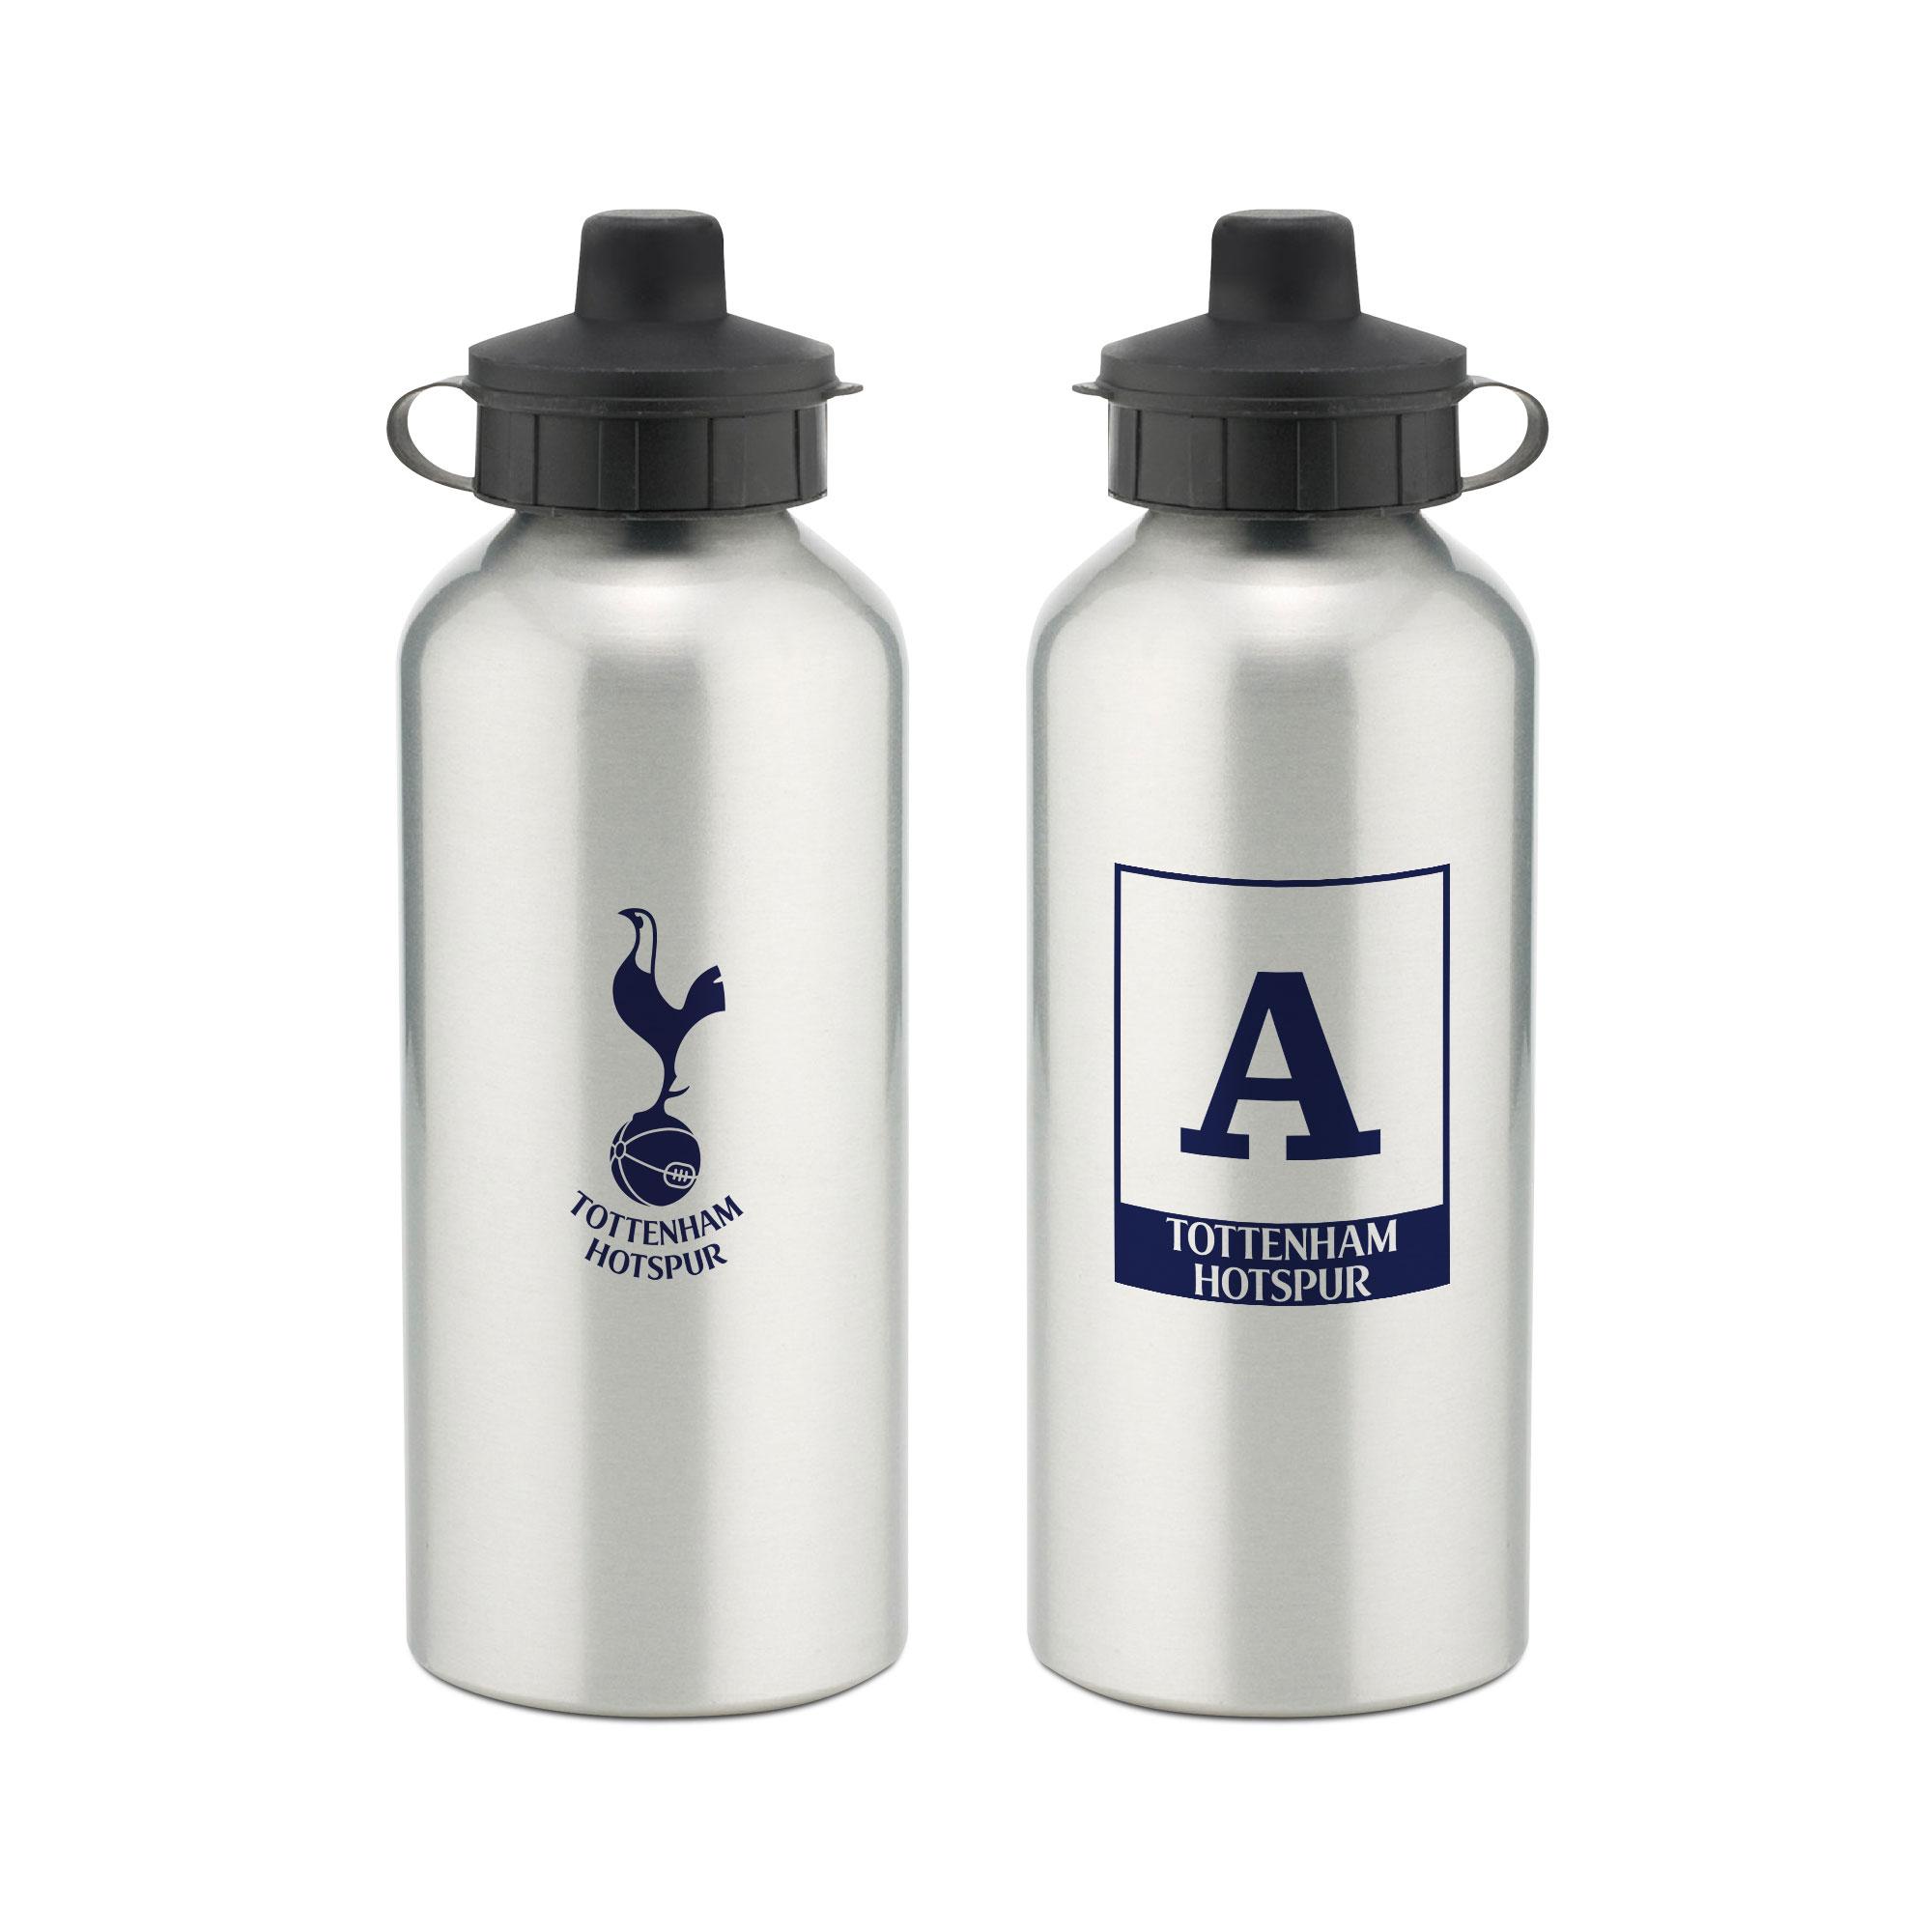 Tottenham Hotspur FC Monogram Aluminium Water Bottle